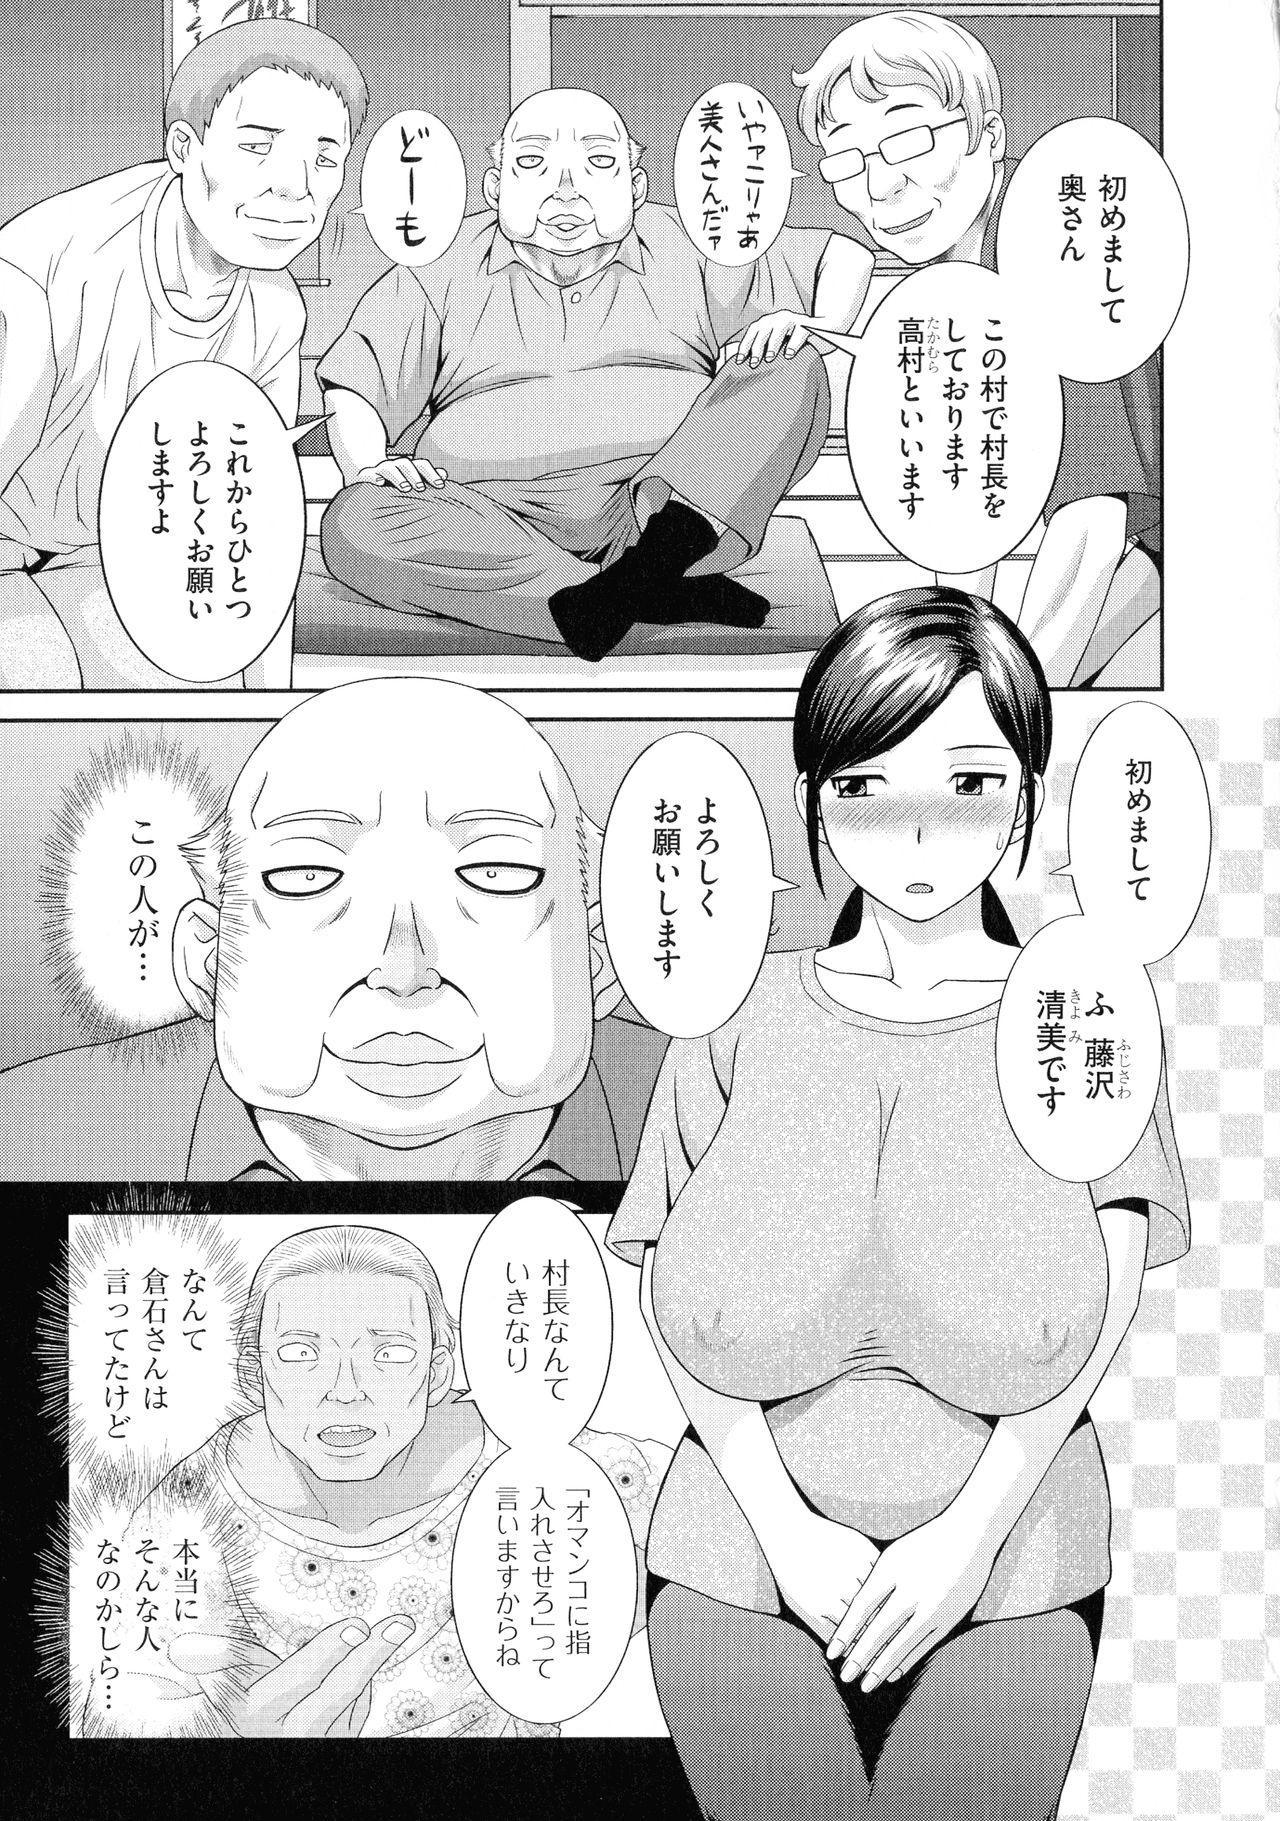 Tennen Torokeru Hatsujozuma 99